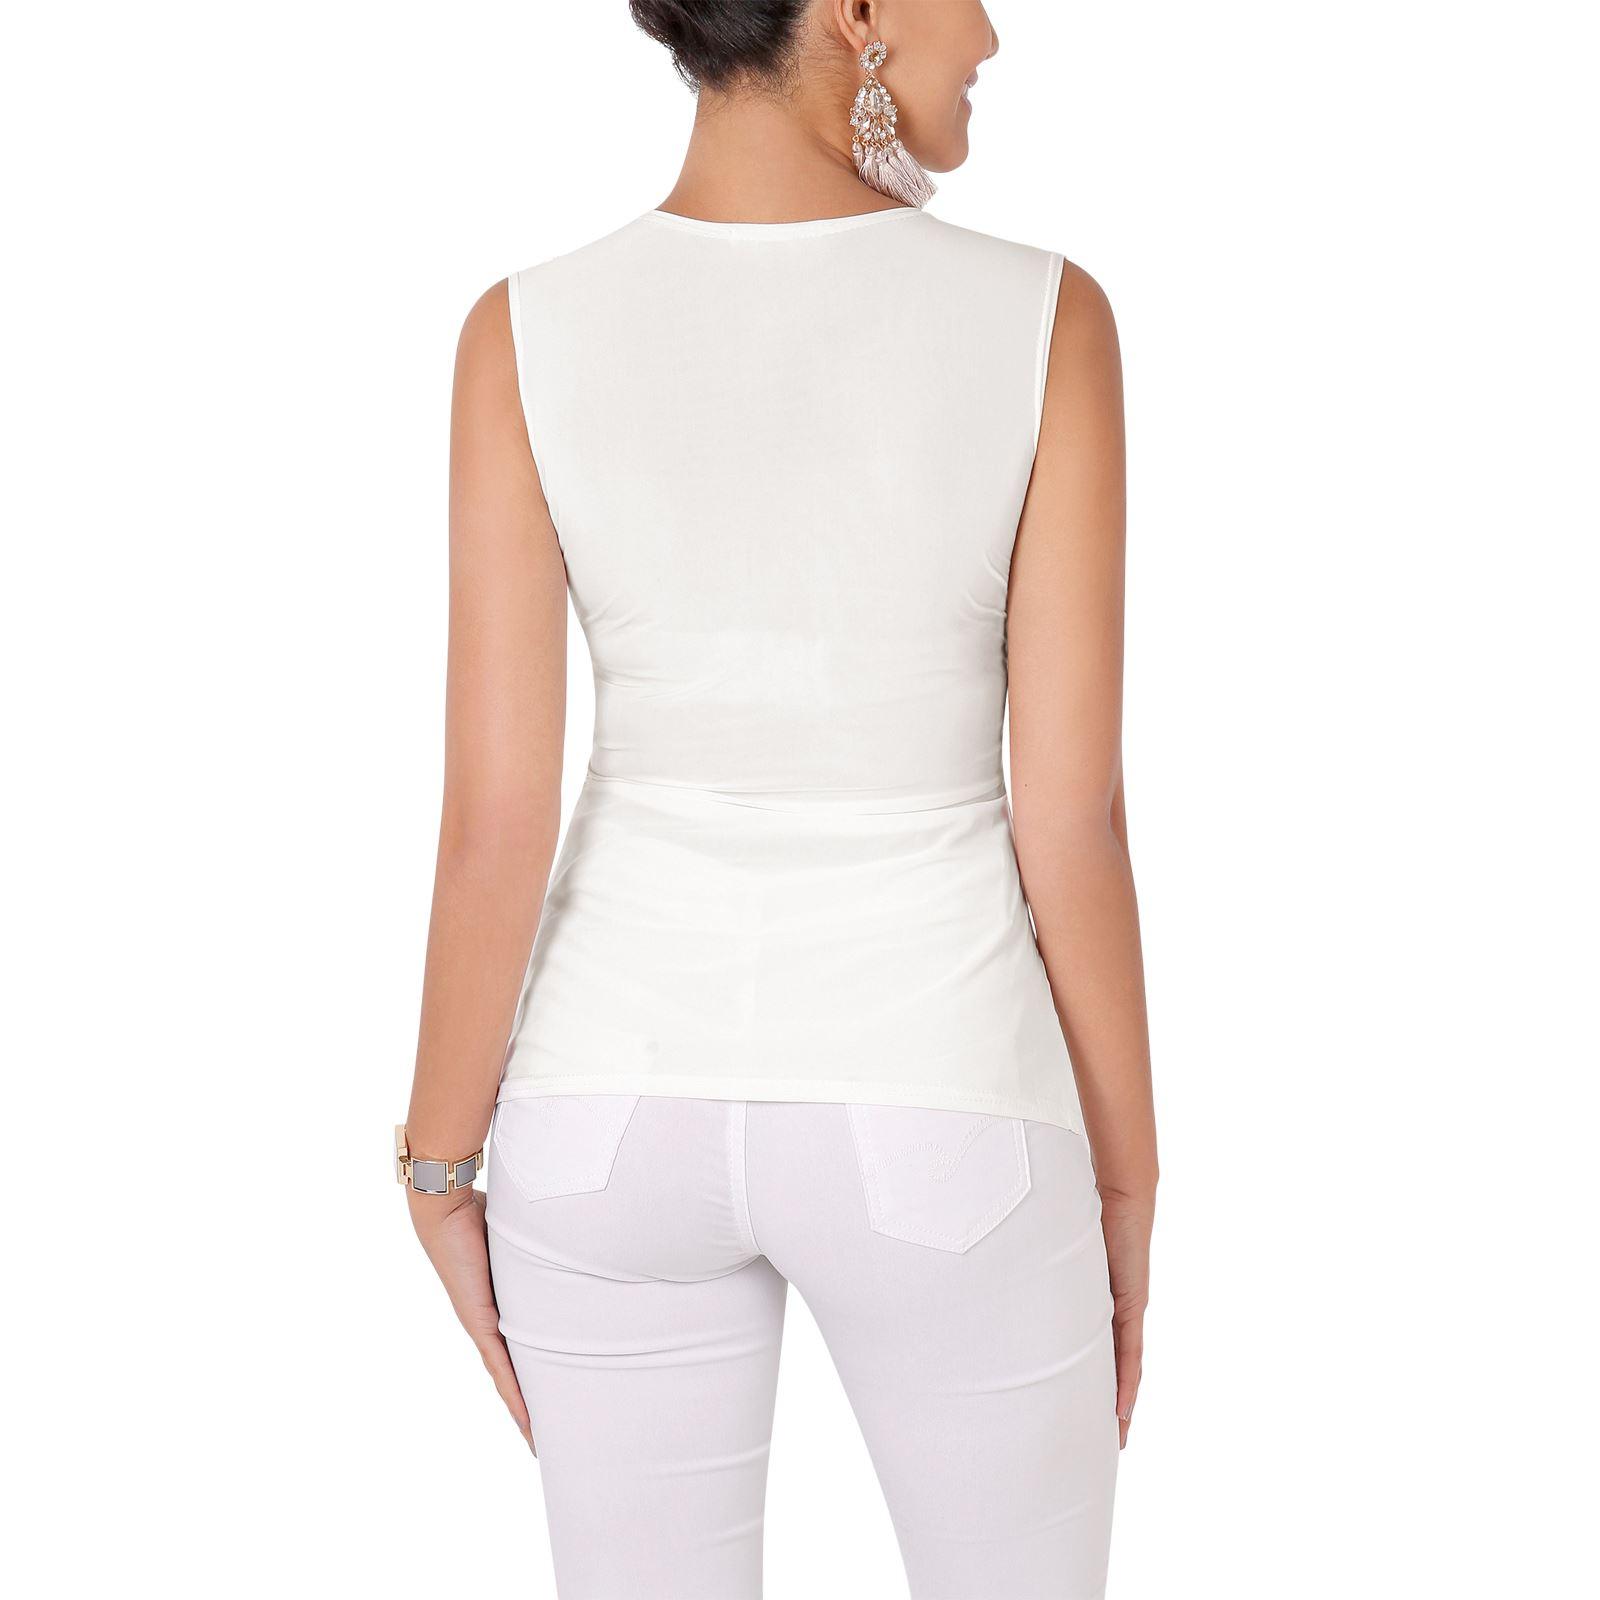 Femmes-Haut-Debardeur-T-shirt-Tee-Shirt-Top-Sans-Manche-Uni-Affaires-Ete-Plage miniature 4